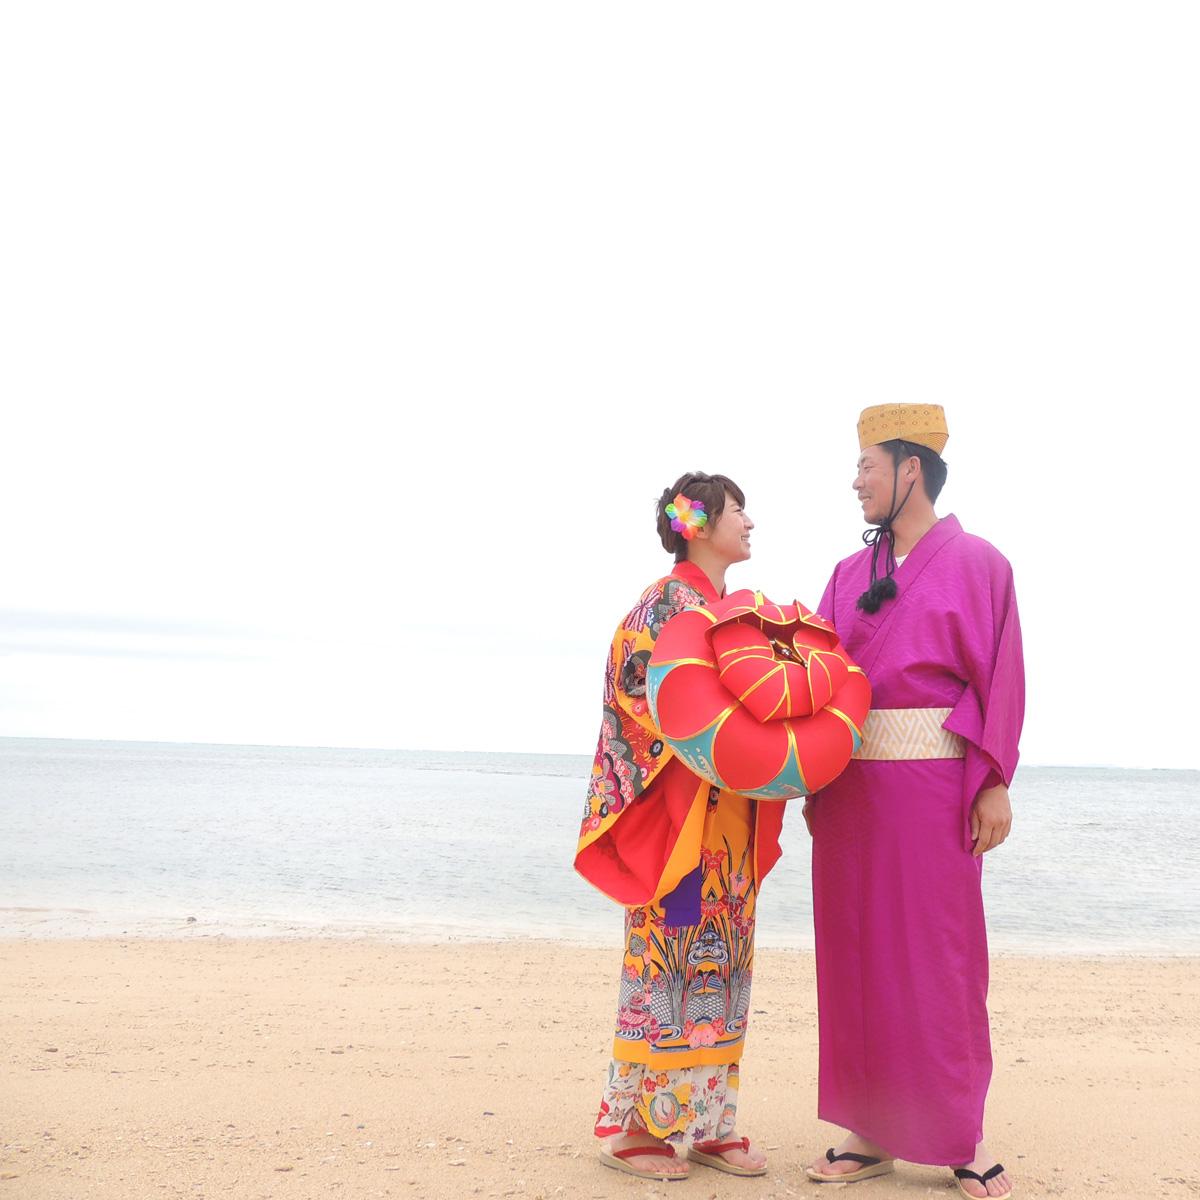 【ふるさと納税】琉装体験(ペア)目の前に広がる海でセルフ写真撮影